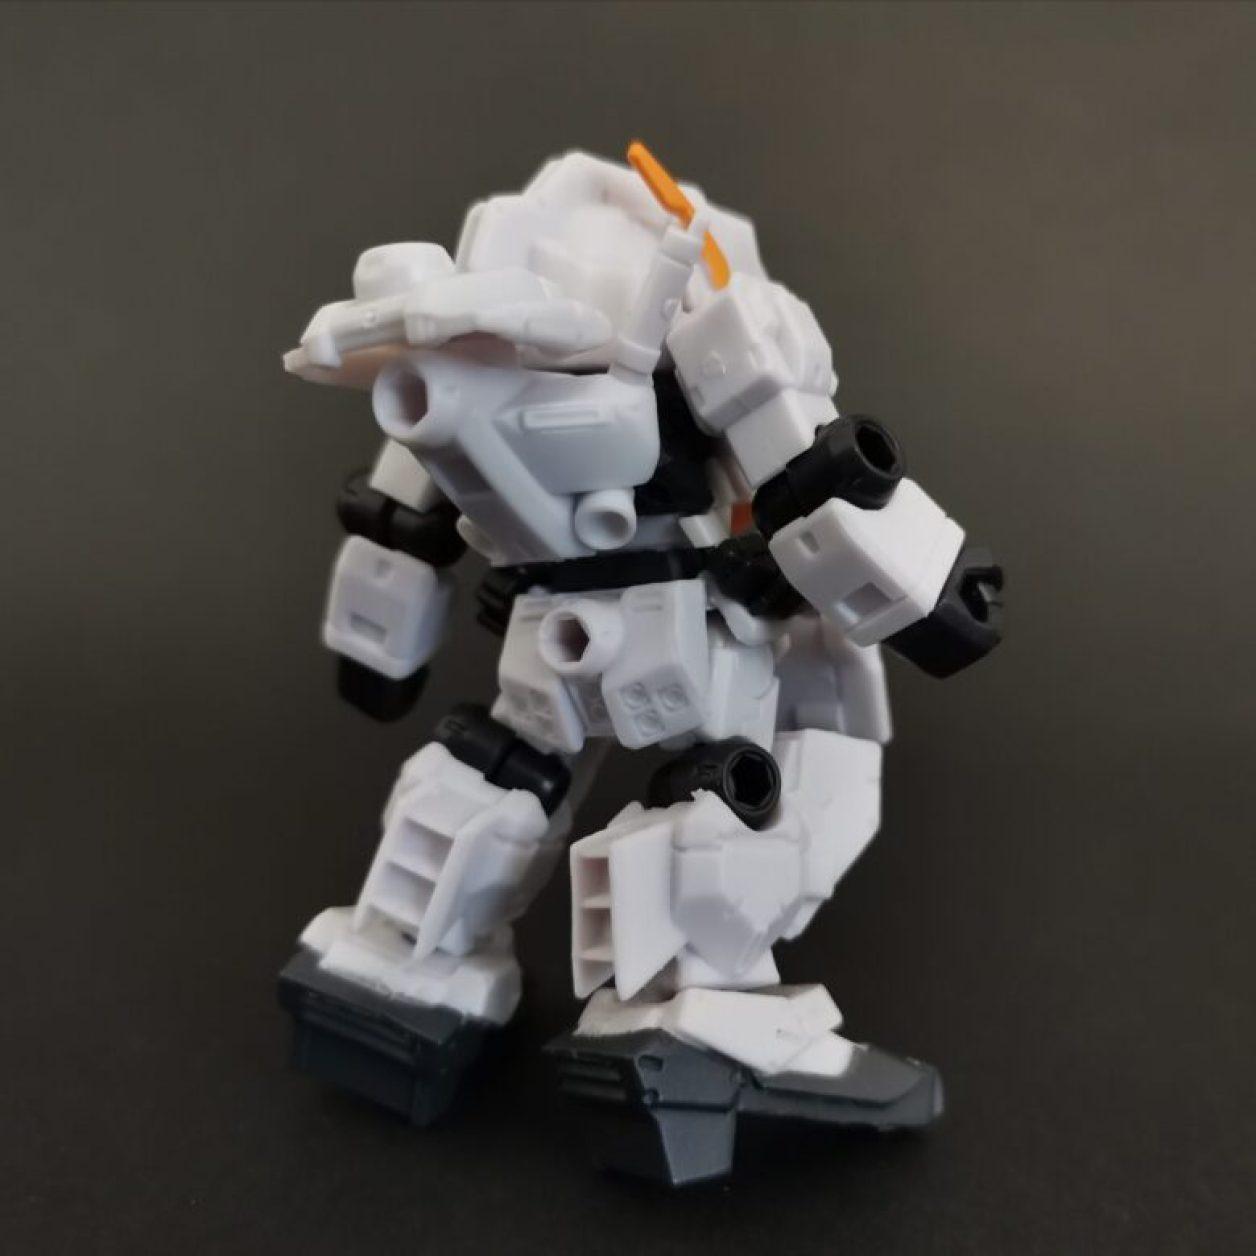 mobile suit ensemble (モビルスーツアンサンブル)ex23弾のガンダムtr-1[ヘイズル·アウスラ](ギガンティックアームユニット装備)セットのヘイズルアウスラの画像